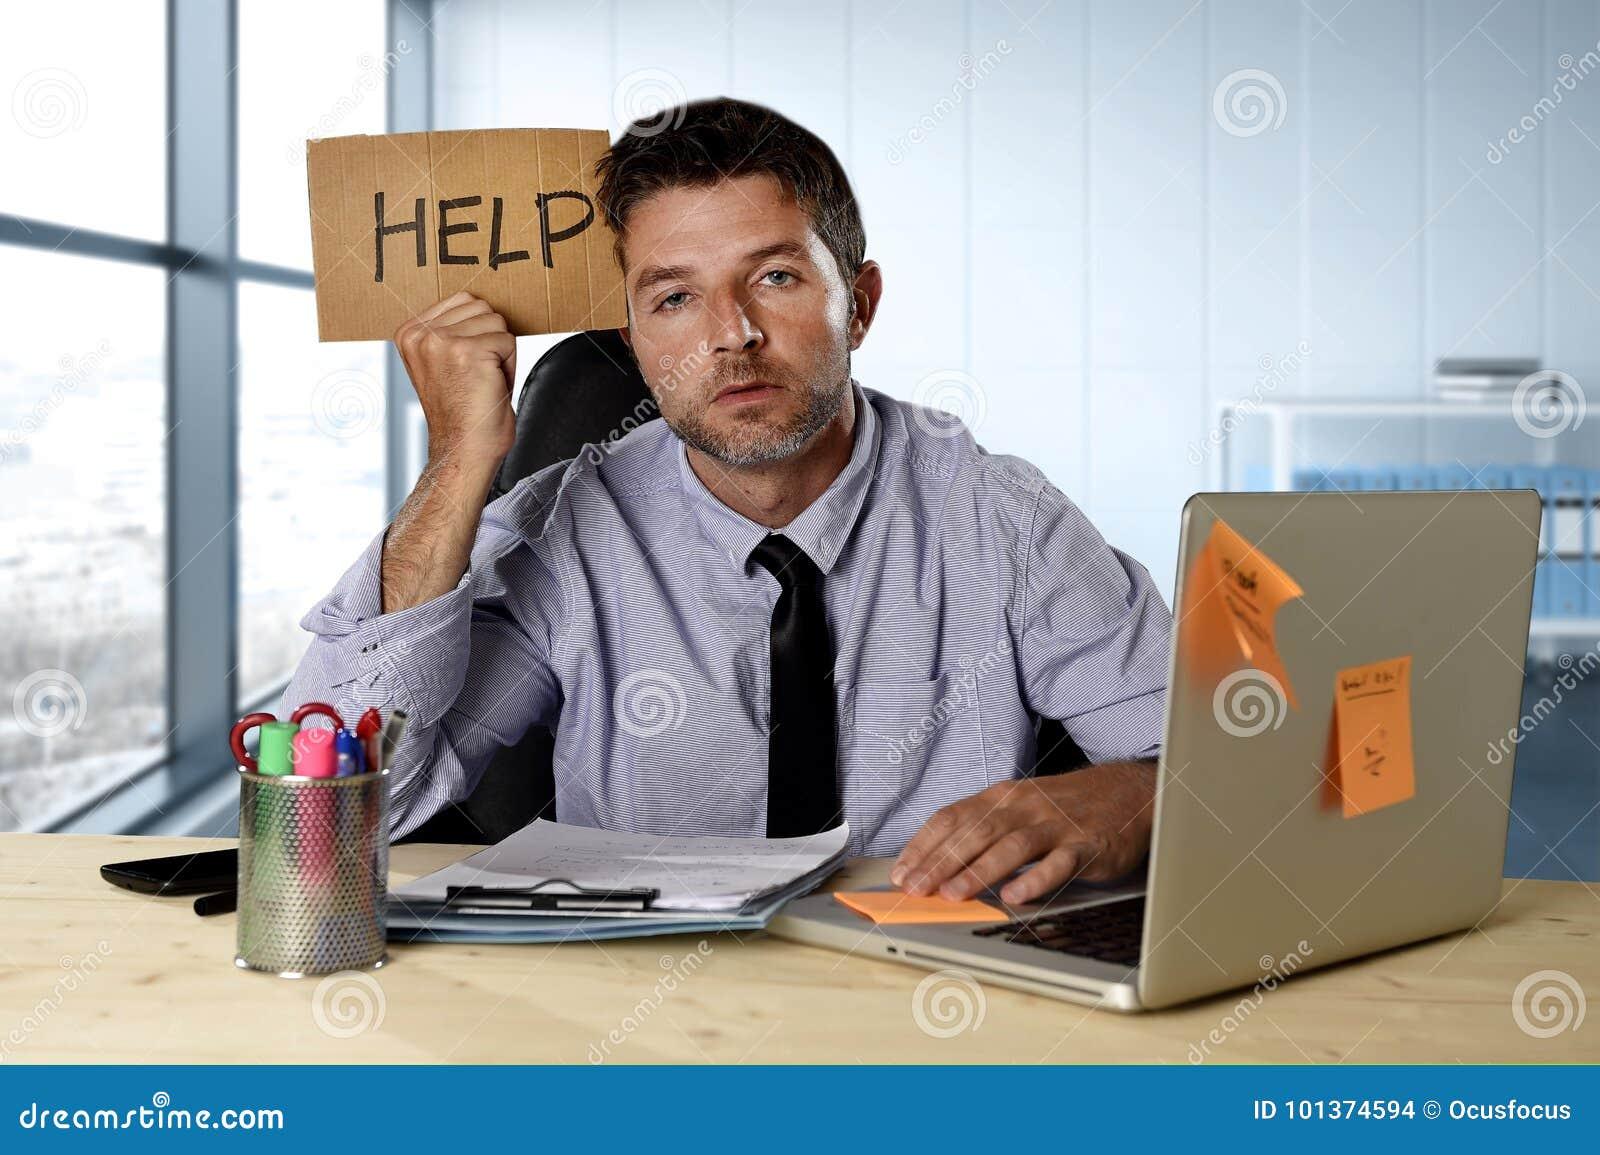 Zakenman die aan spanning lijden die bij de holdingsteken werken die van het computerbureau om hulp vragen die vermoeid uitgeput